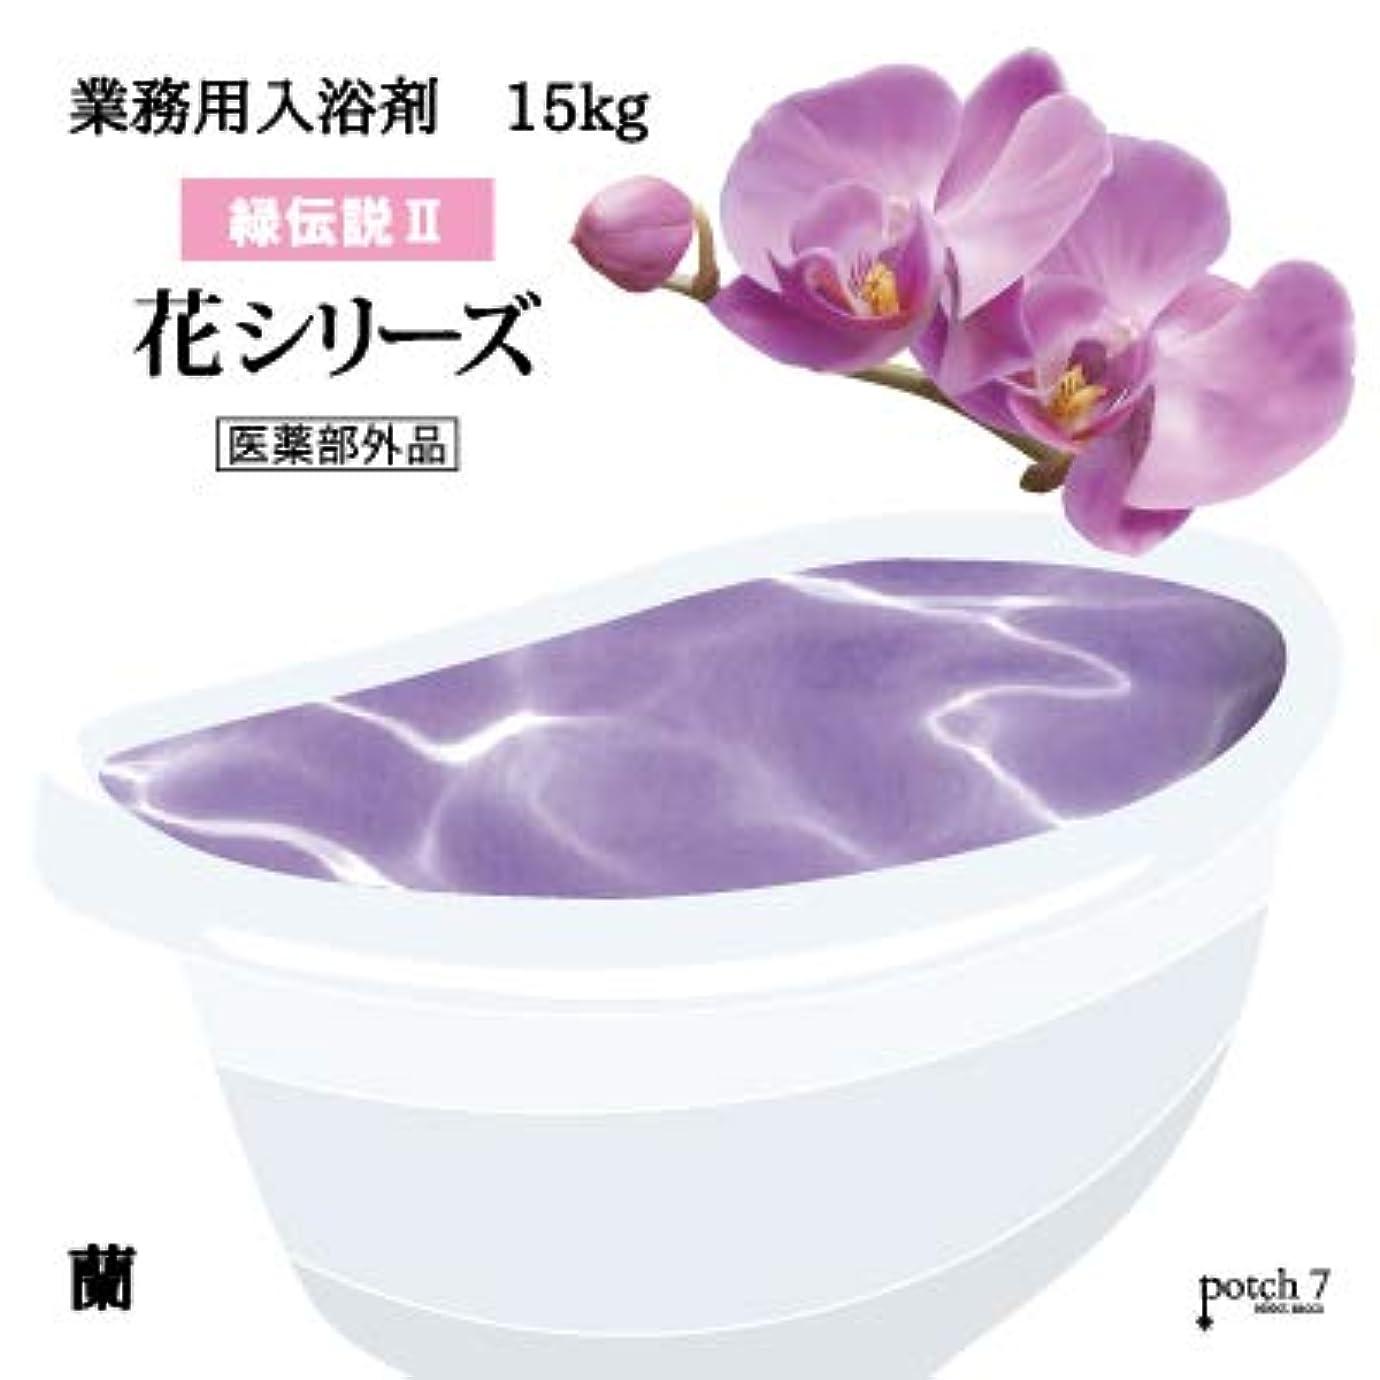 マダム気取らないビート業務用入浴剤「蘭」15Kg(7.5Kgx2袋入)GYM-RA